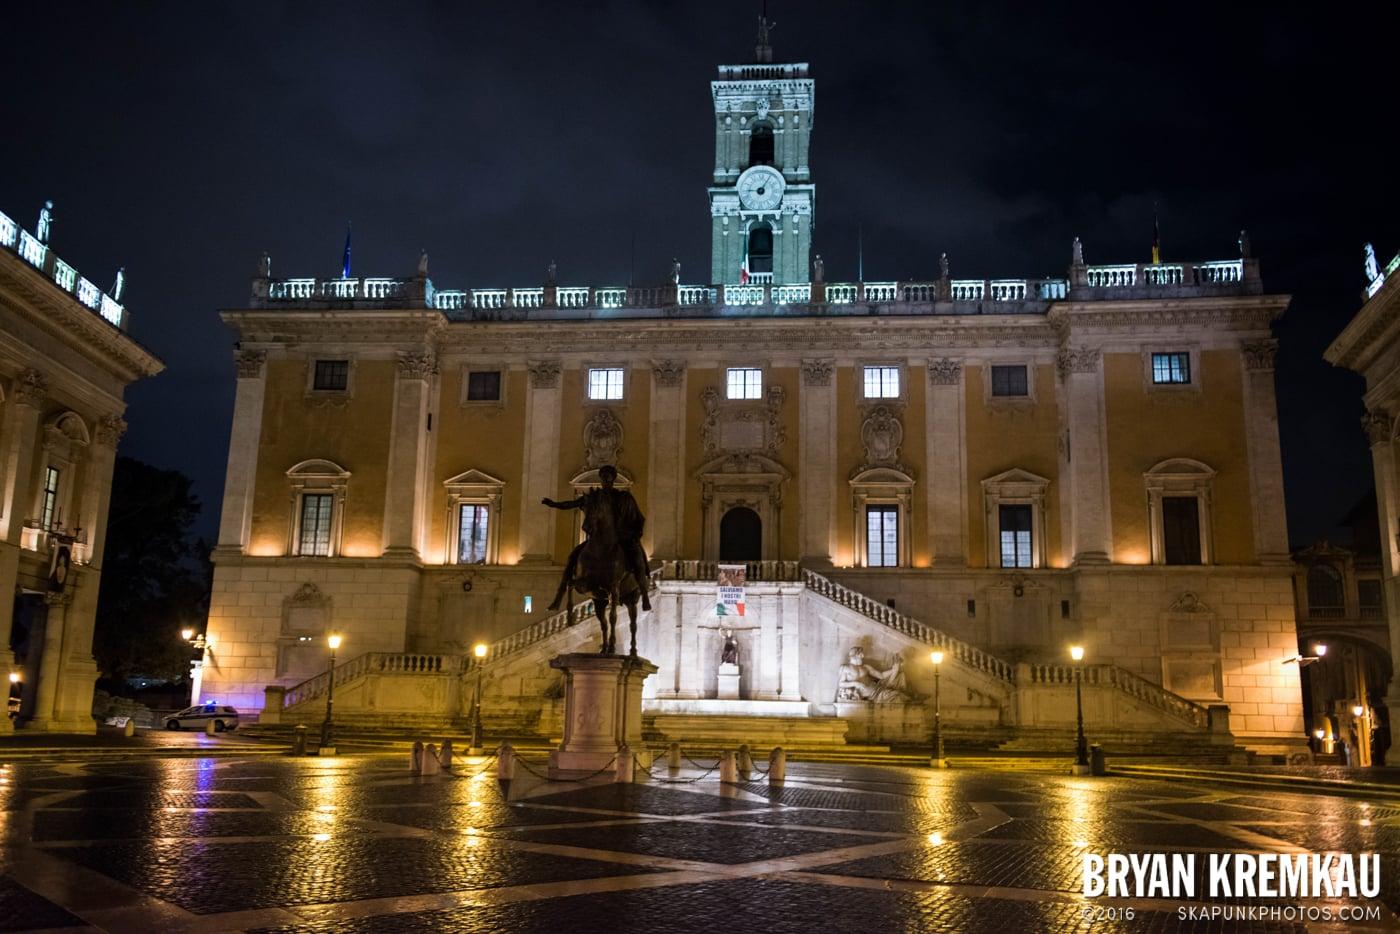 Italy Vacation - Day 2: Rome - 9.10.13 (12)